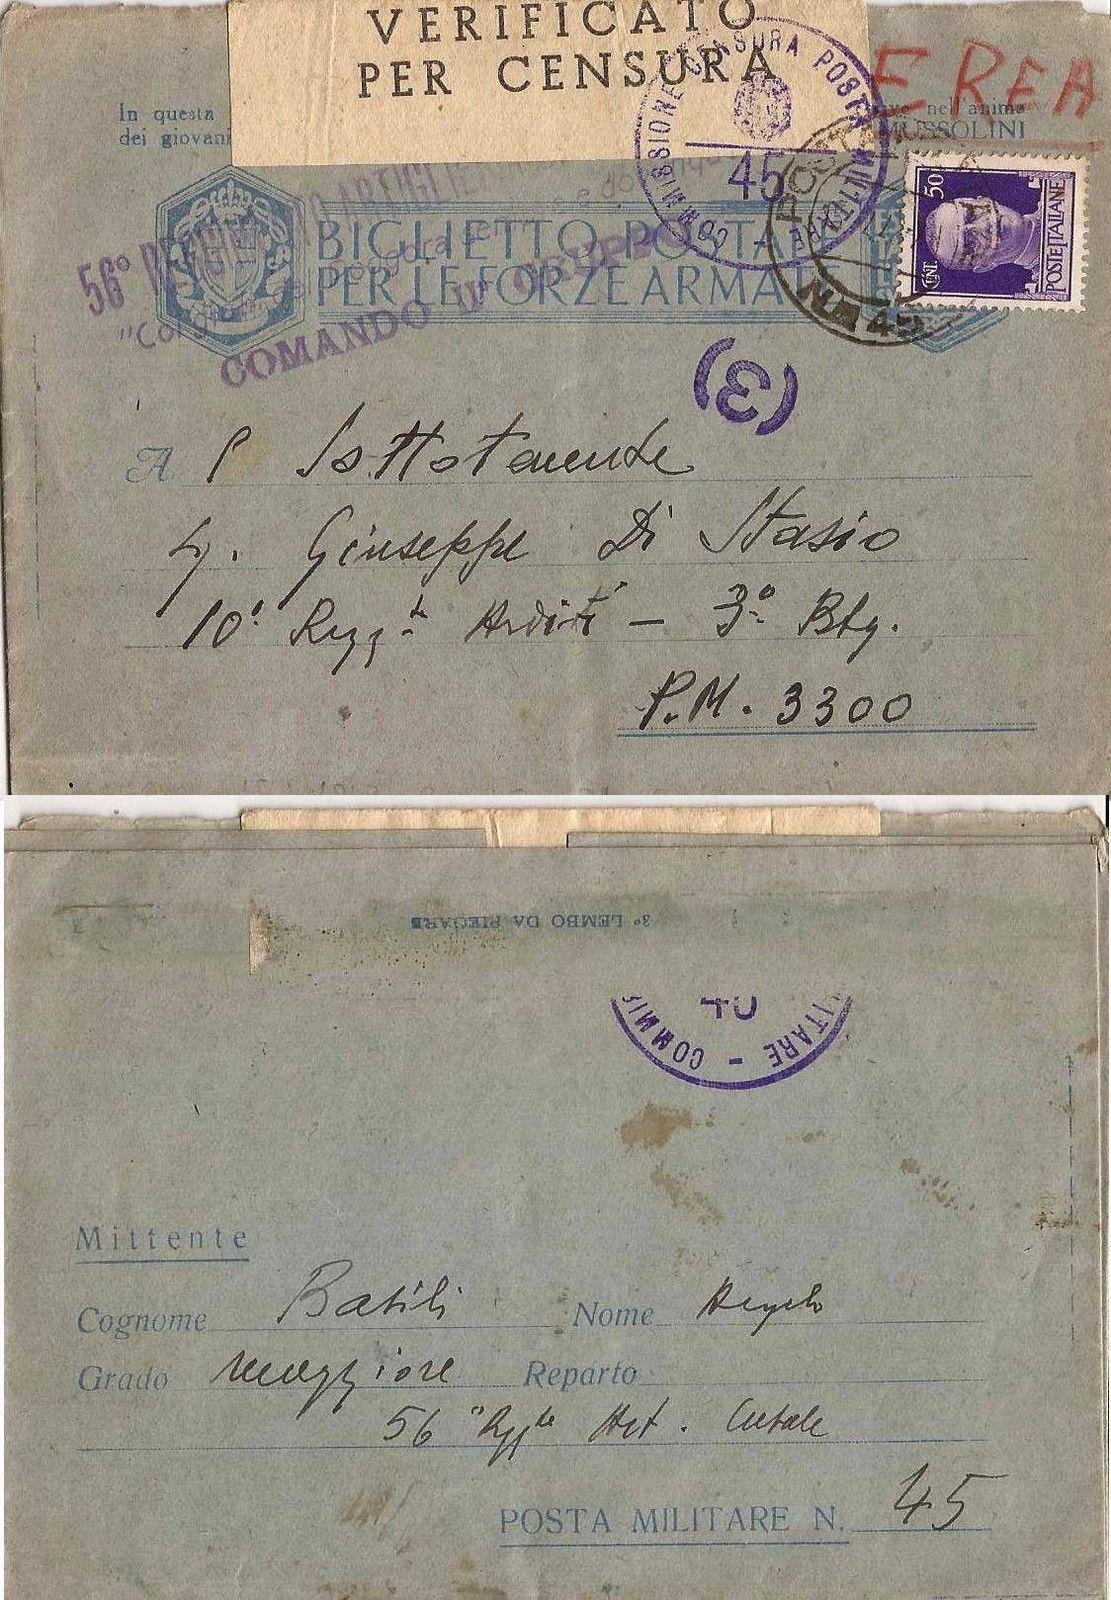 Η κάρτα ενός Ιταλού στρατιώτη από το Αγρίνιο το 1943